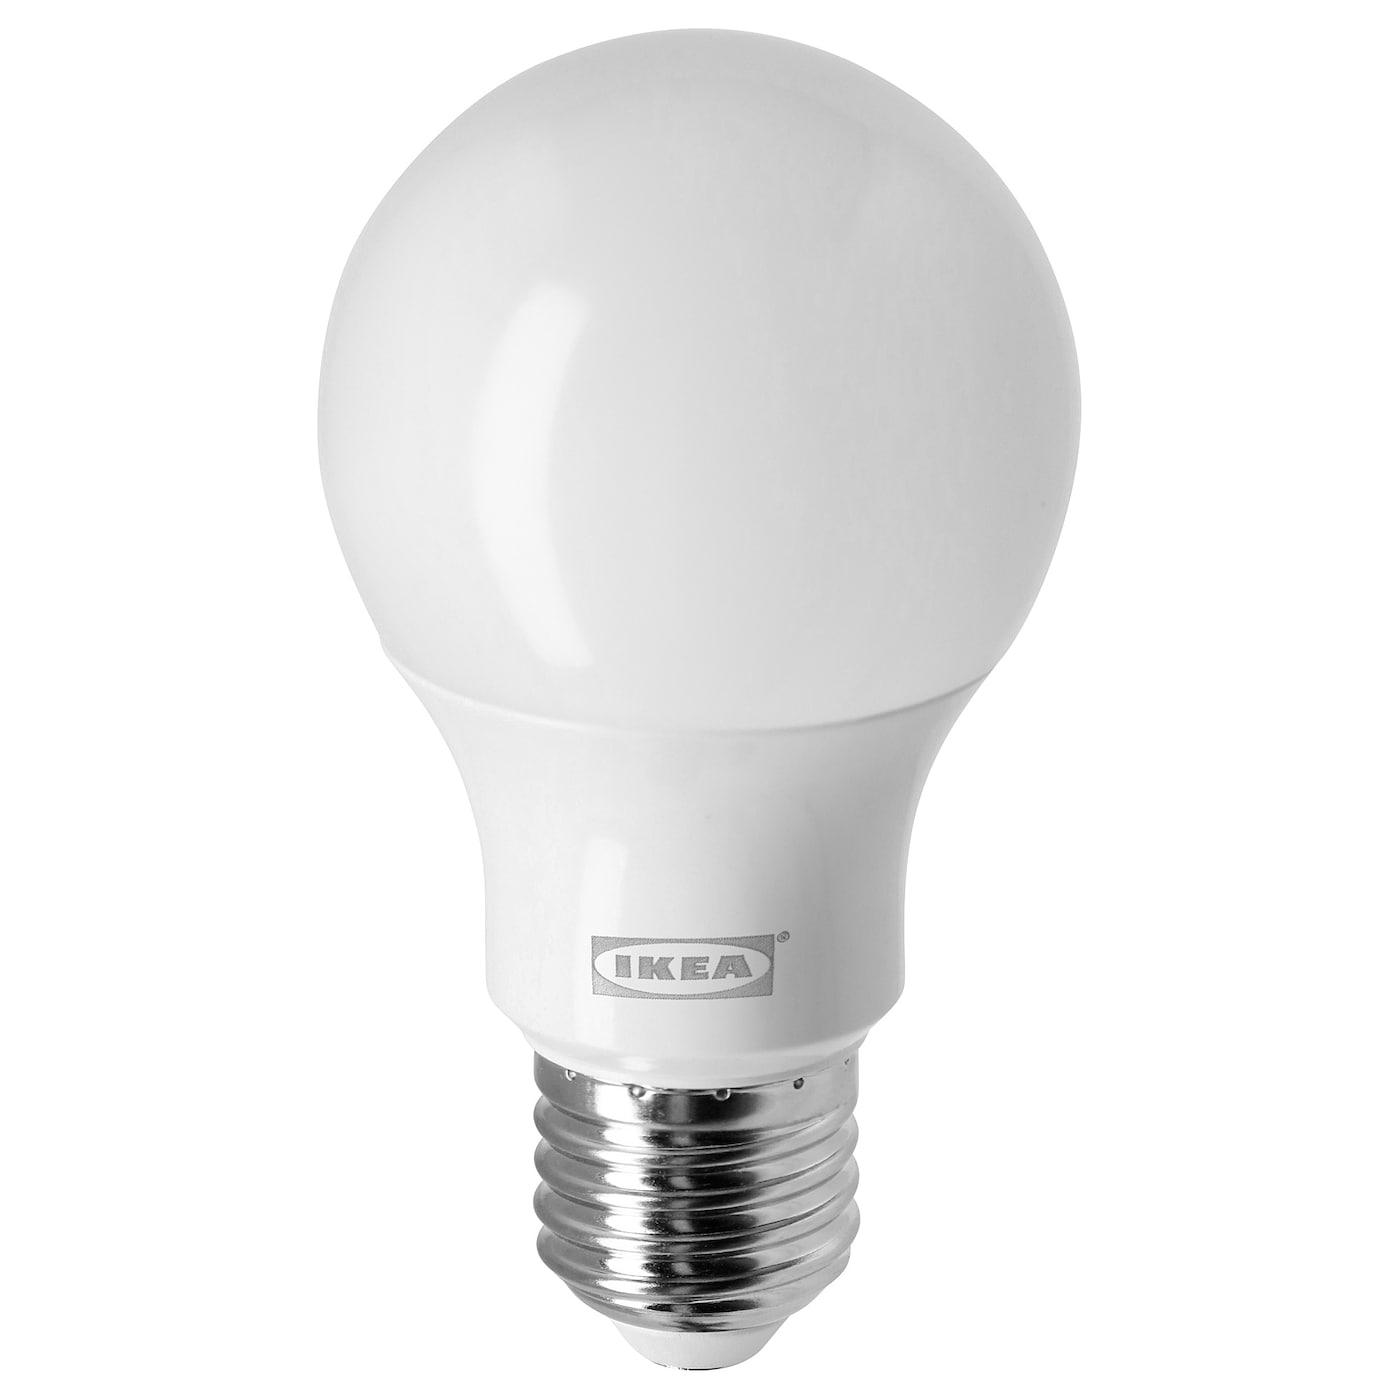 RYET Ampoule LED E27 470 lumen, globe opalin